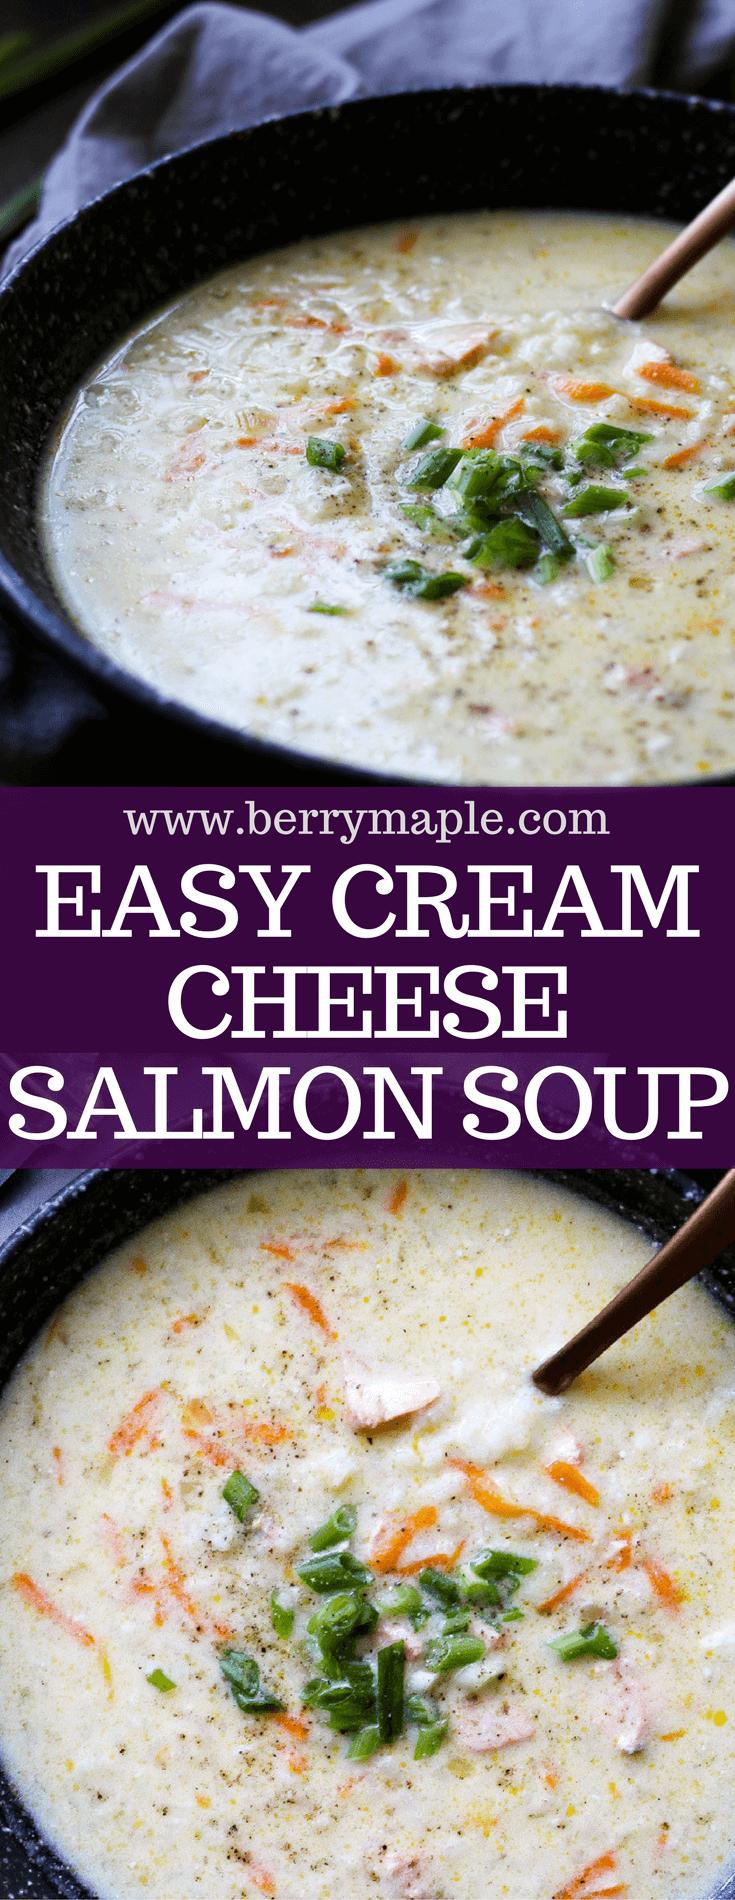 cream cheese salmon soup recipe #salmon #creamcheese #soup